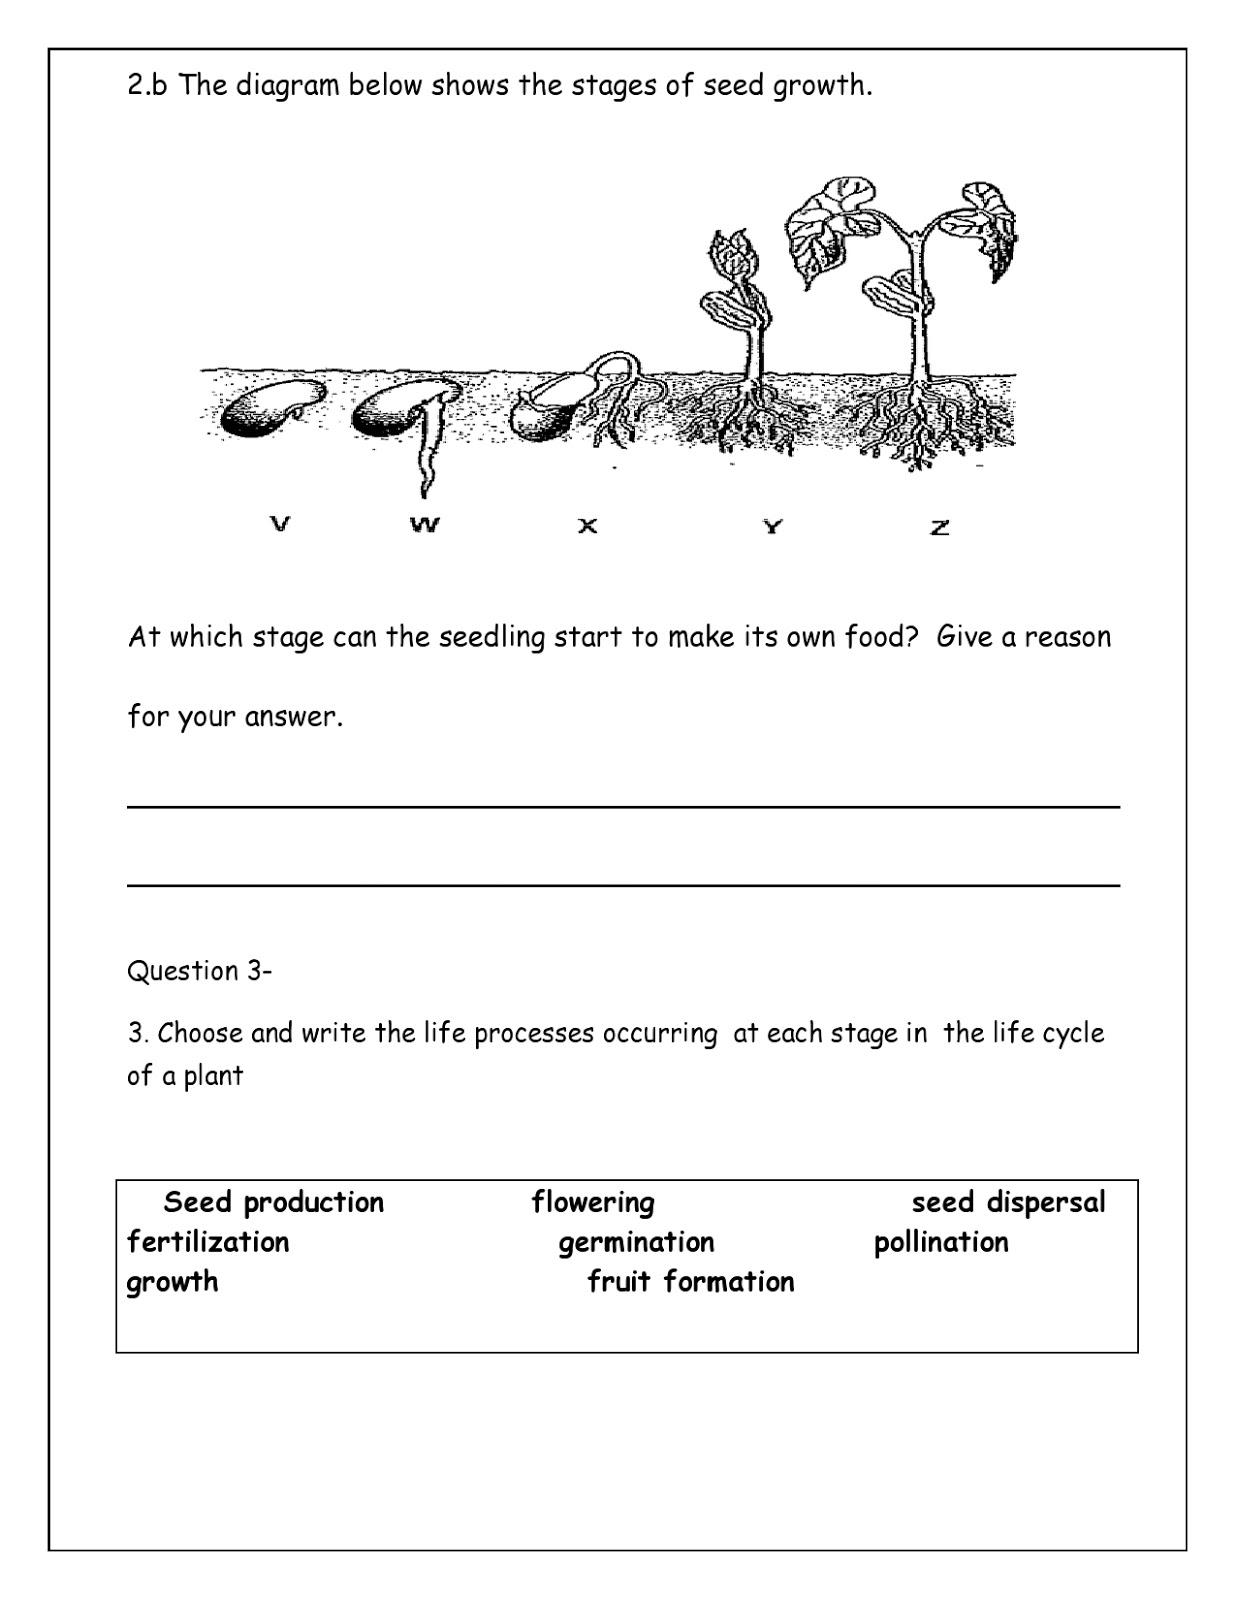 medium resolution of WORLD SCHOOL OMAN: Revision worksheets foe grade 5